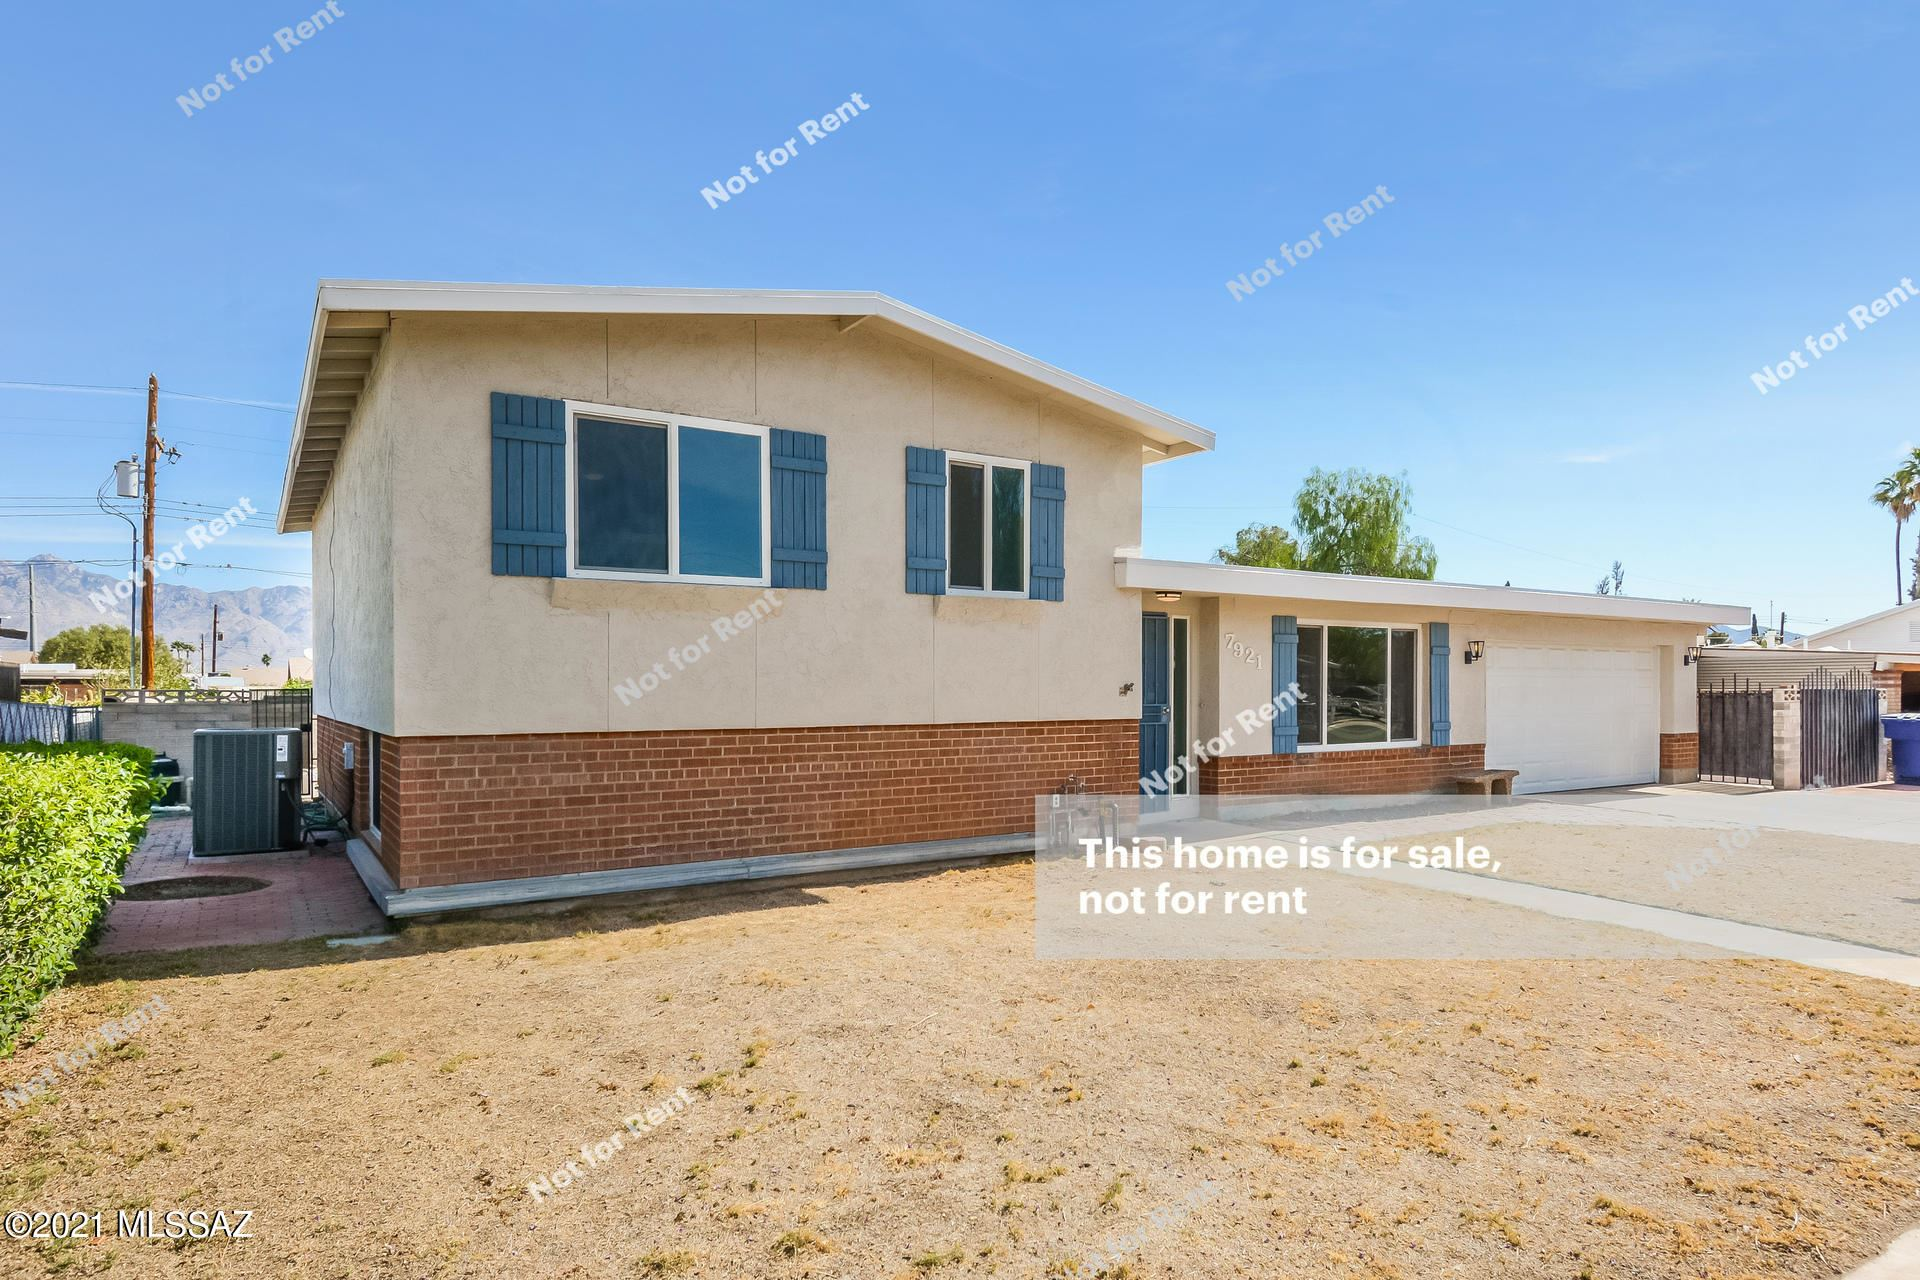 7921 E Rosewood Street, Tucson, AZ 85710 - MLS#: 22114690